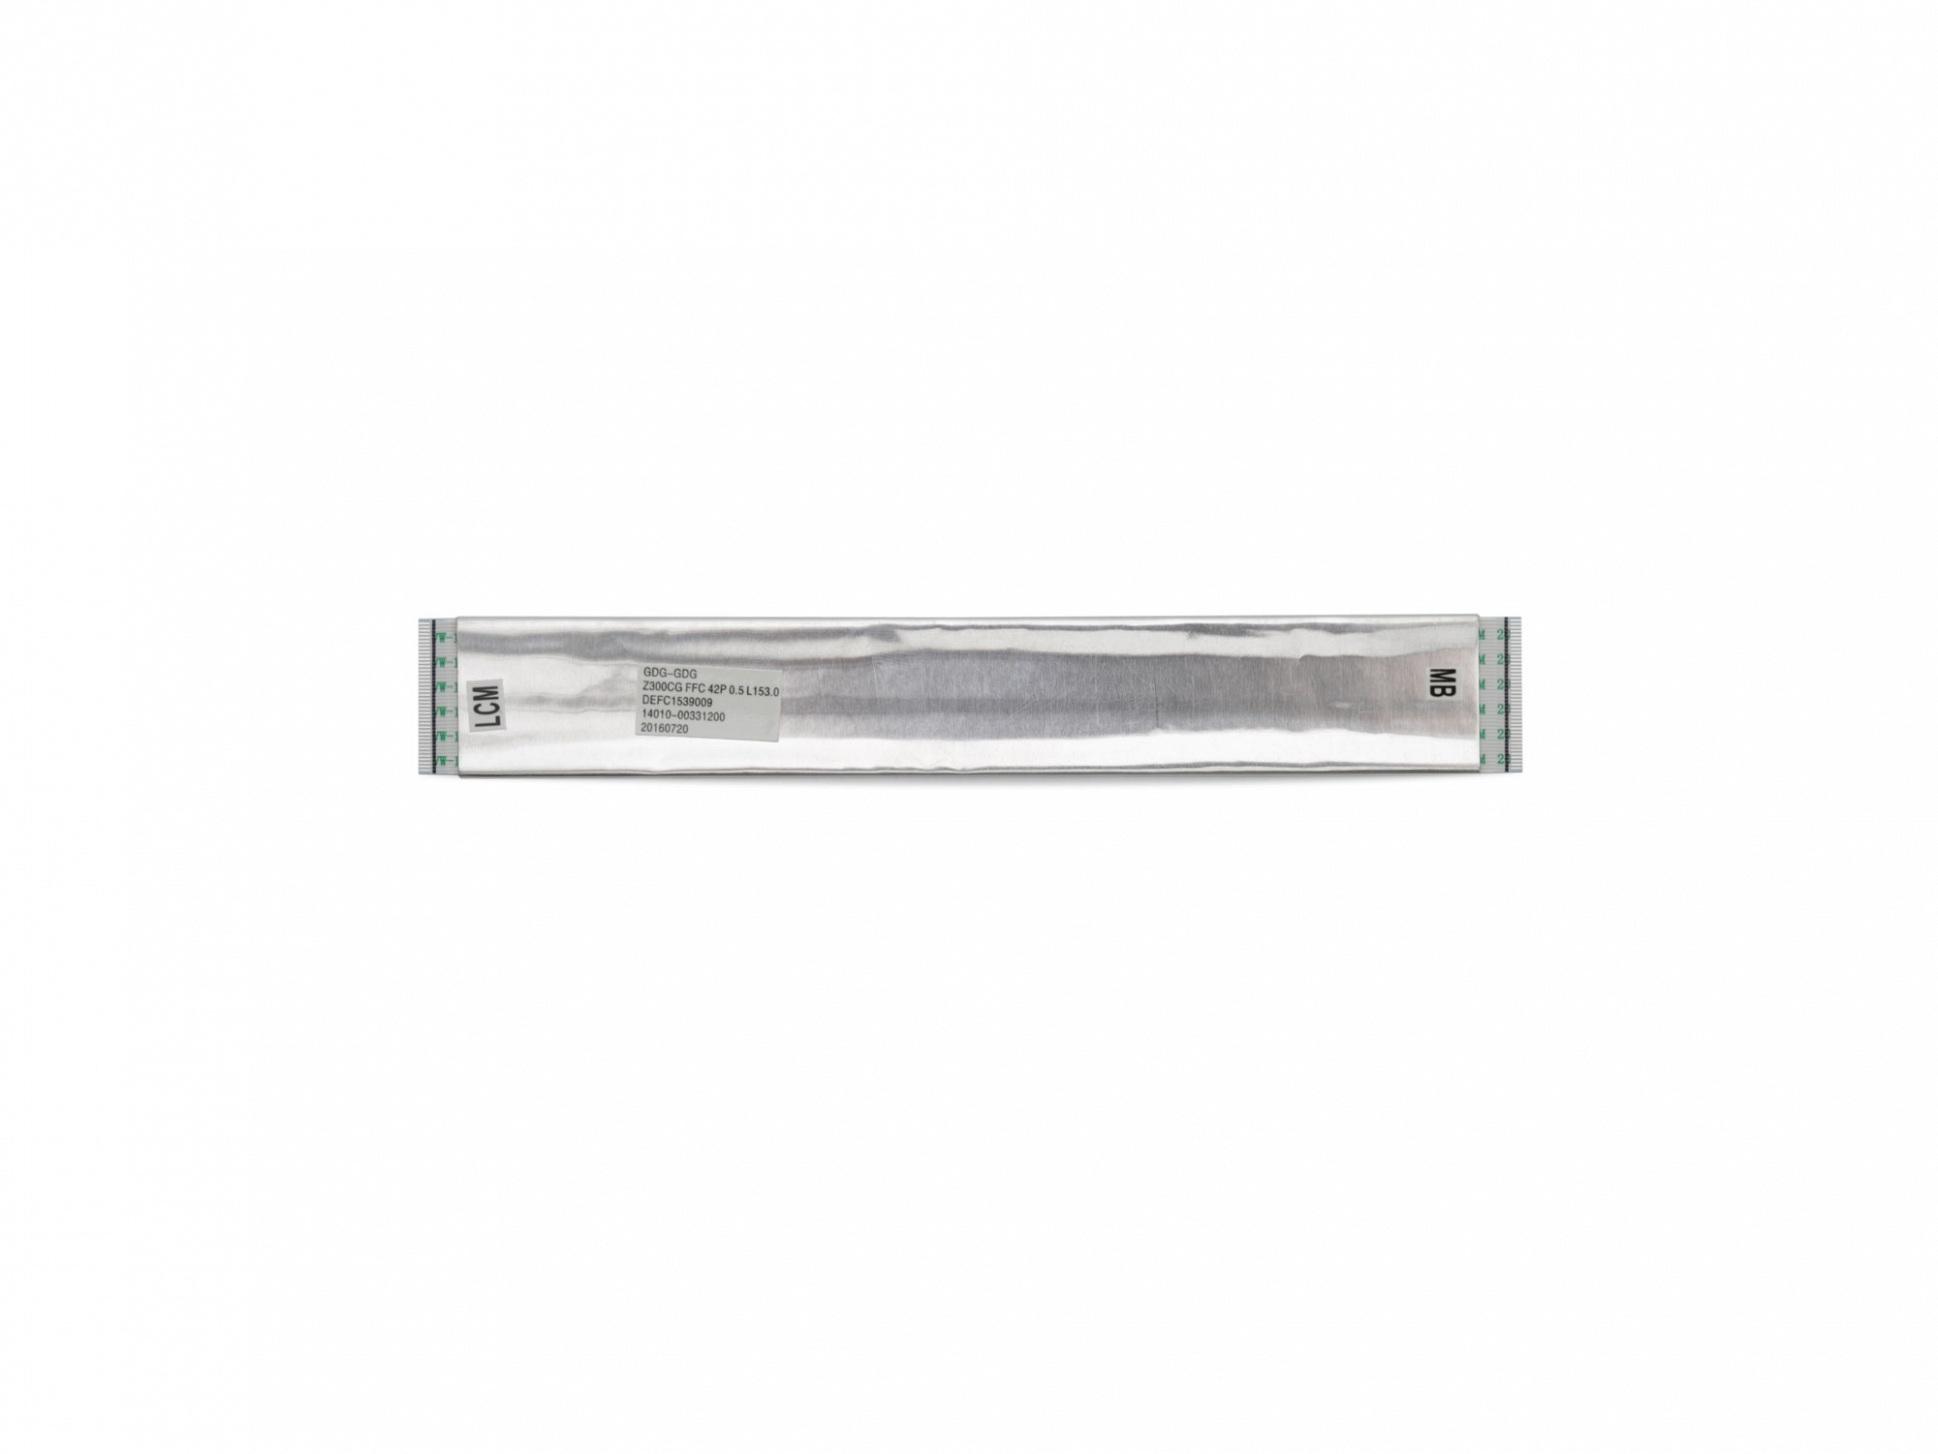 KZD300 Flachbandkabel (FFC) Original